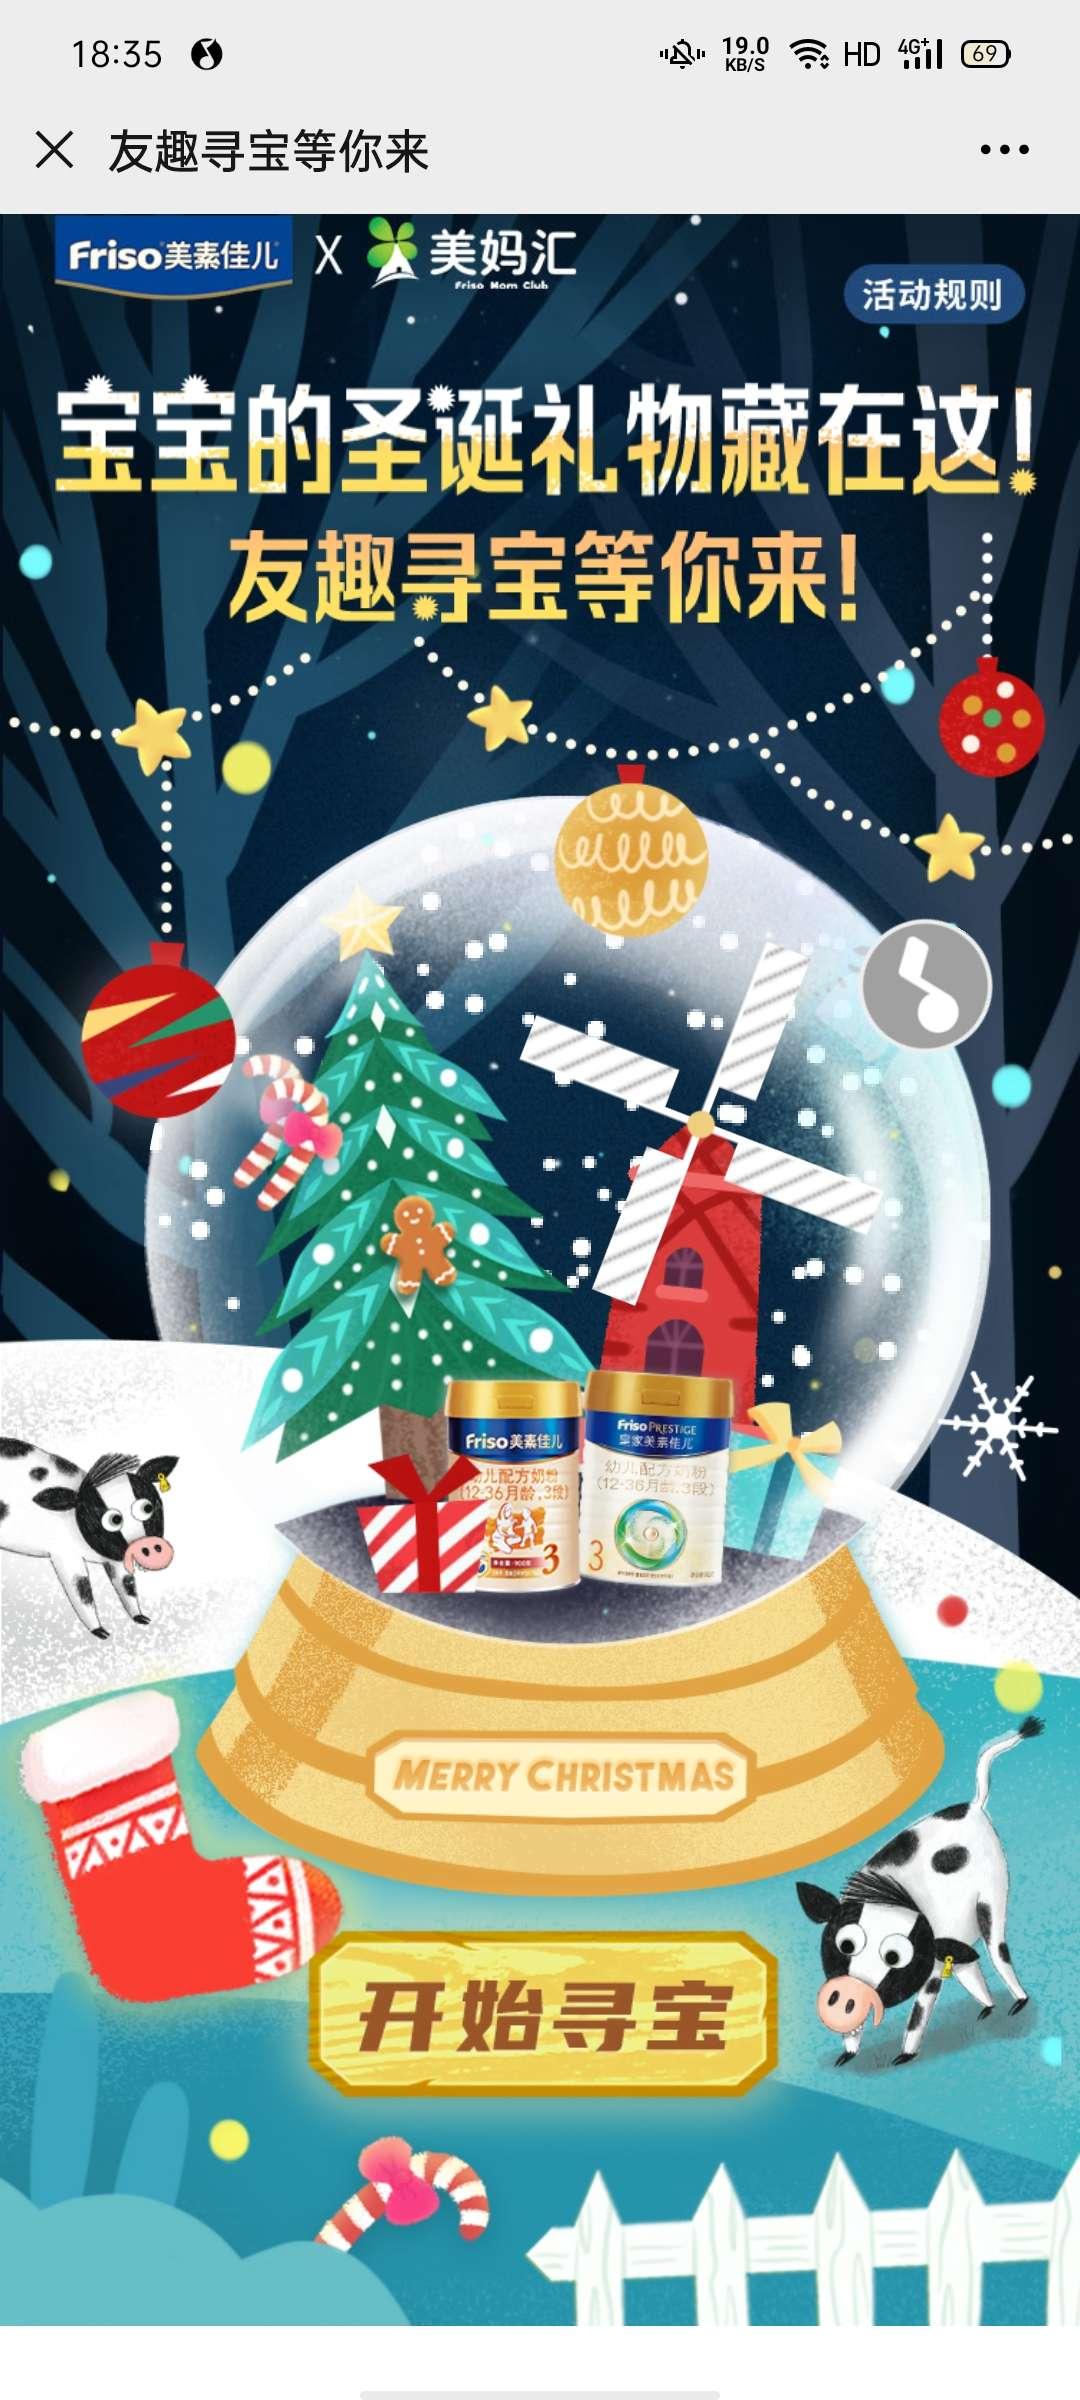 图片[1]-美素佳儿寻找圣诞礼物抽红包-老友薅羊毛活动线报网